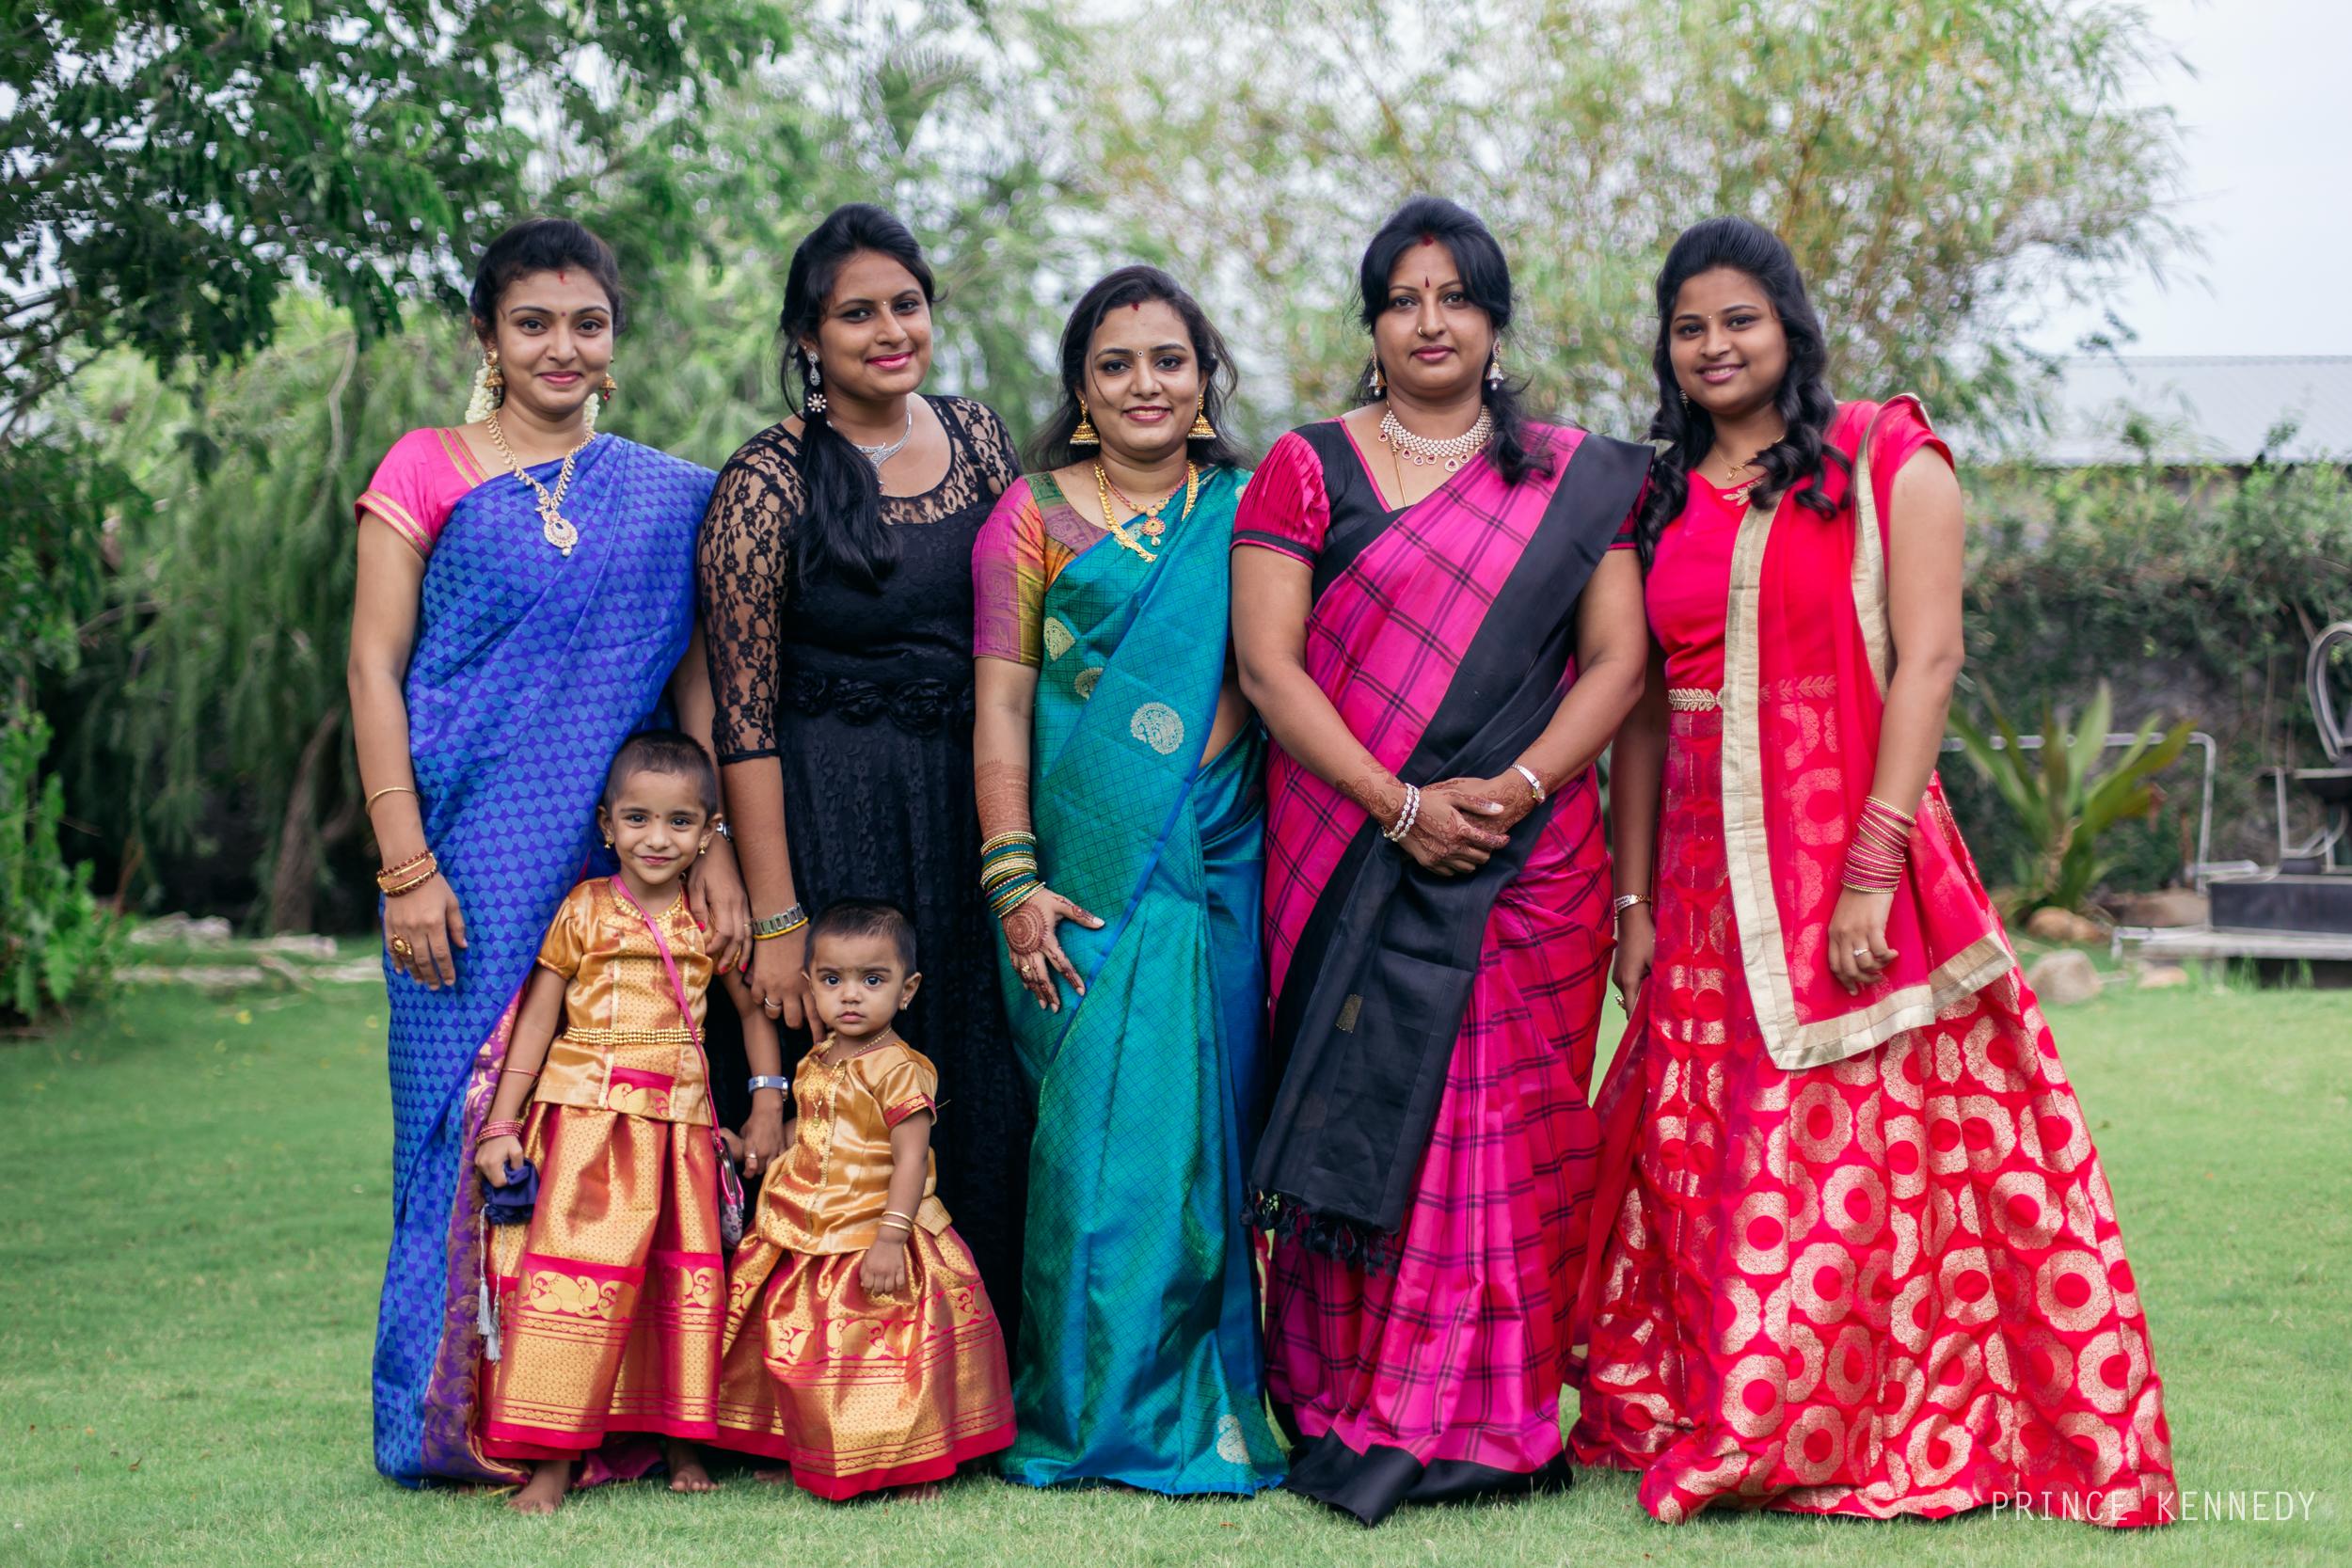 Engagement-Couple-Portrait-Portraiture-Wedding-Couple-Portrait-Chennai-Photographer-Candid-Photography-Destination-Best-Prince-Kennedy-Photography-118.jpg